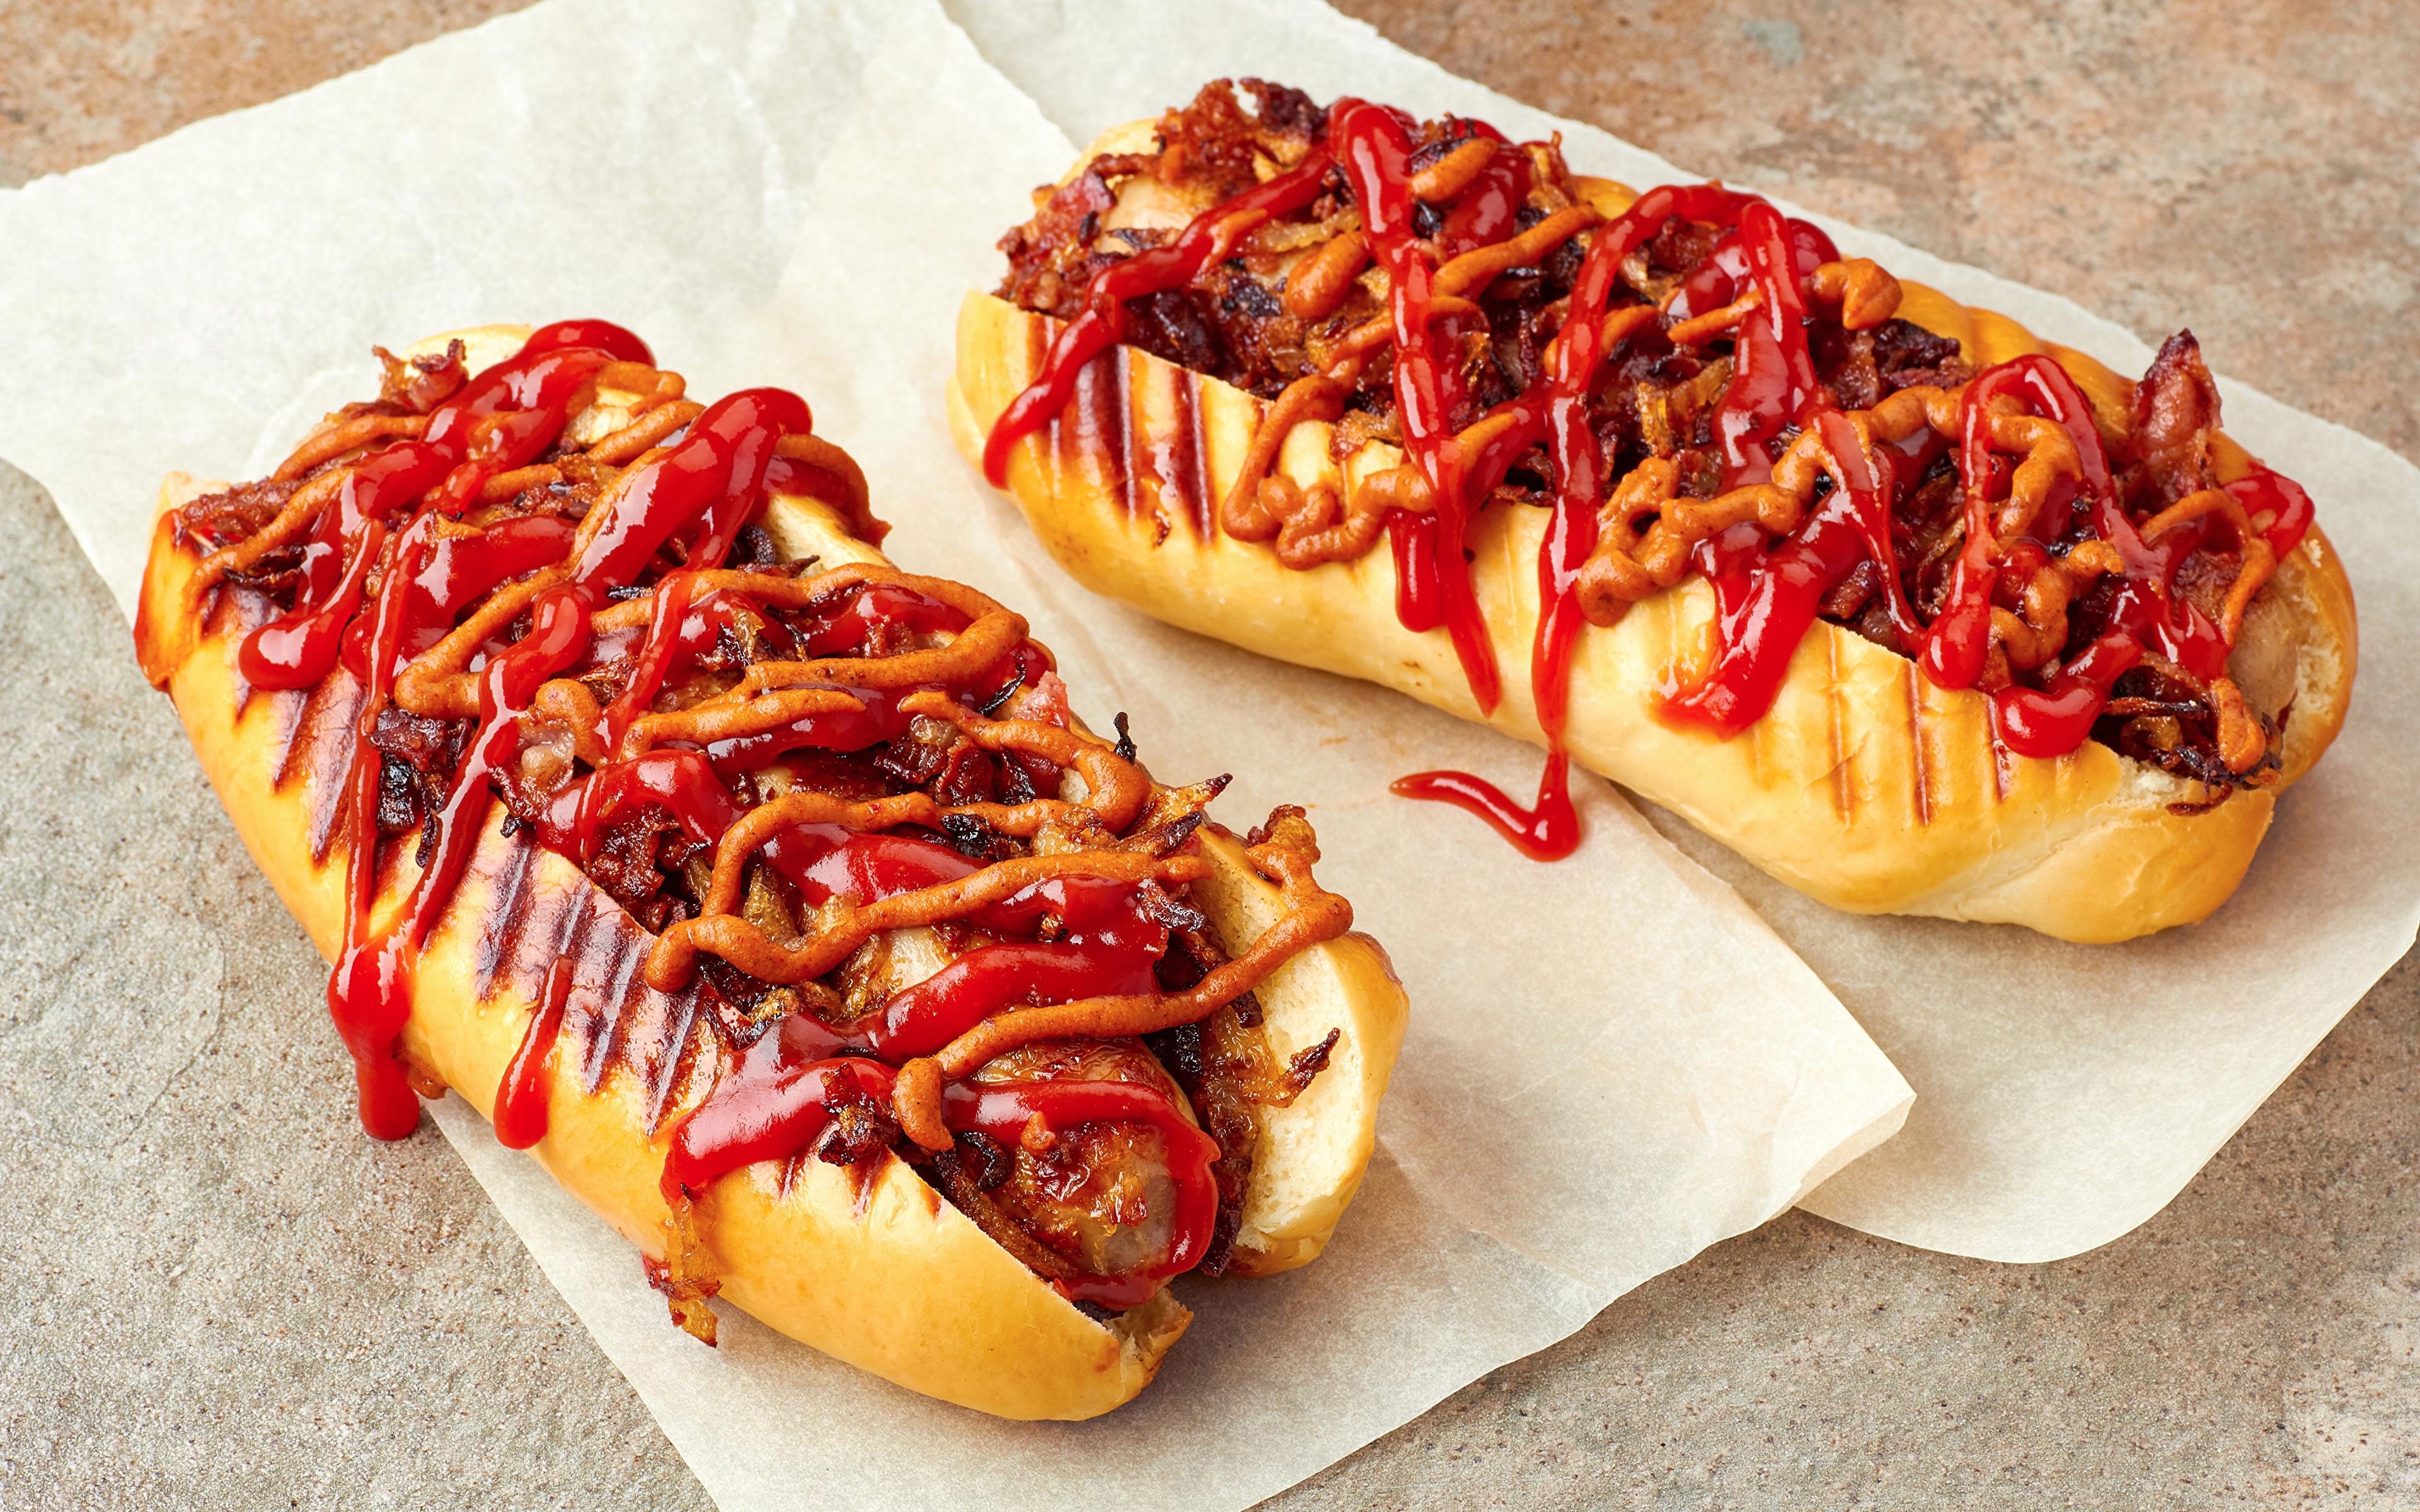 Images 2 Hot Dog Buns Ketchup Fast Food Food 3840x2400